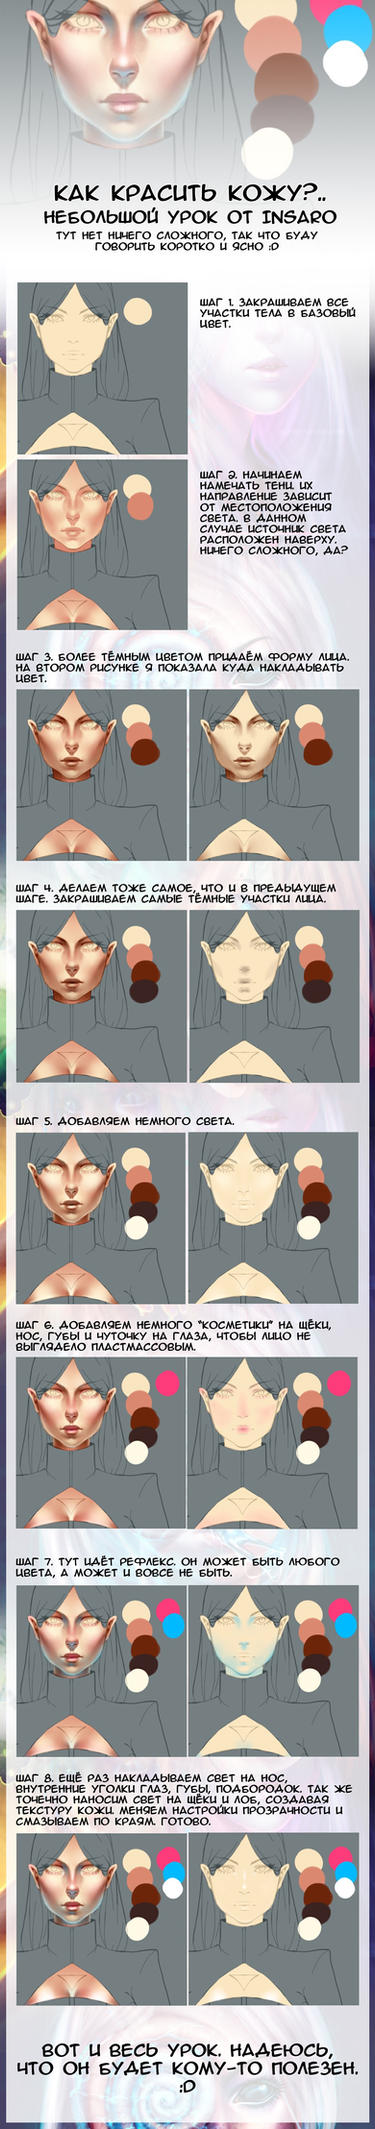 Face coloring tutorial by Insaro by Insaro